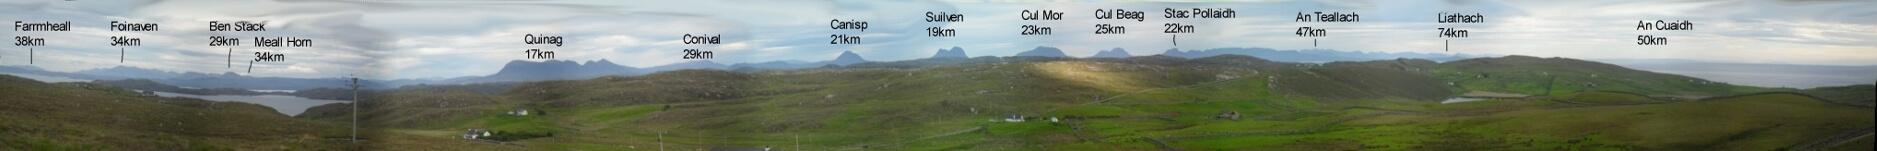 Kurz hinter Clashnessie mache ich einen Abstecher zum Stoer Lighthouse (14km hin und zurück). Unterwegs bietet sich dieses 180°-Panorama